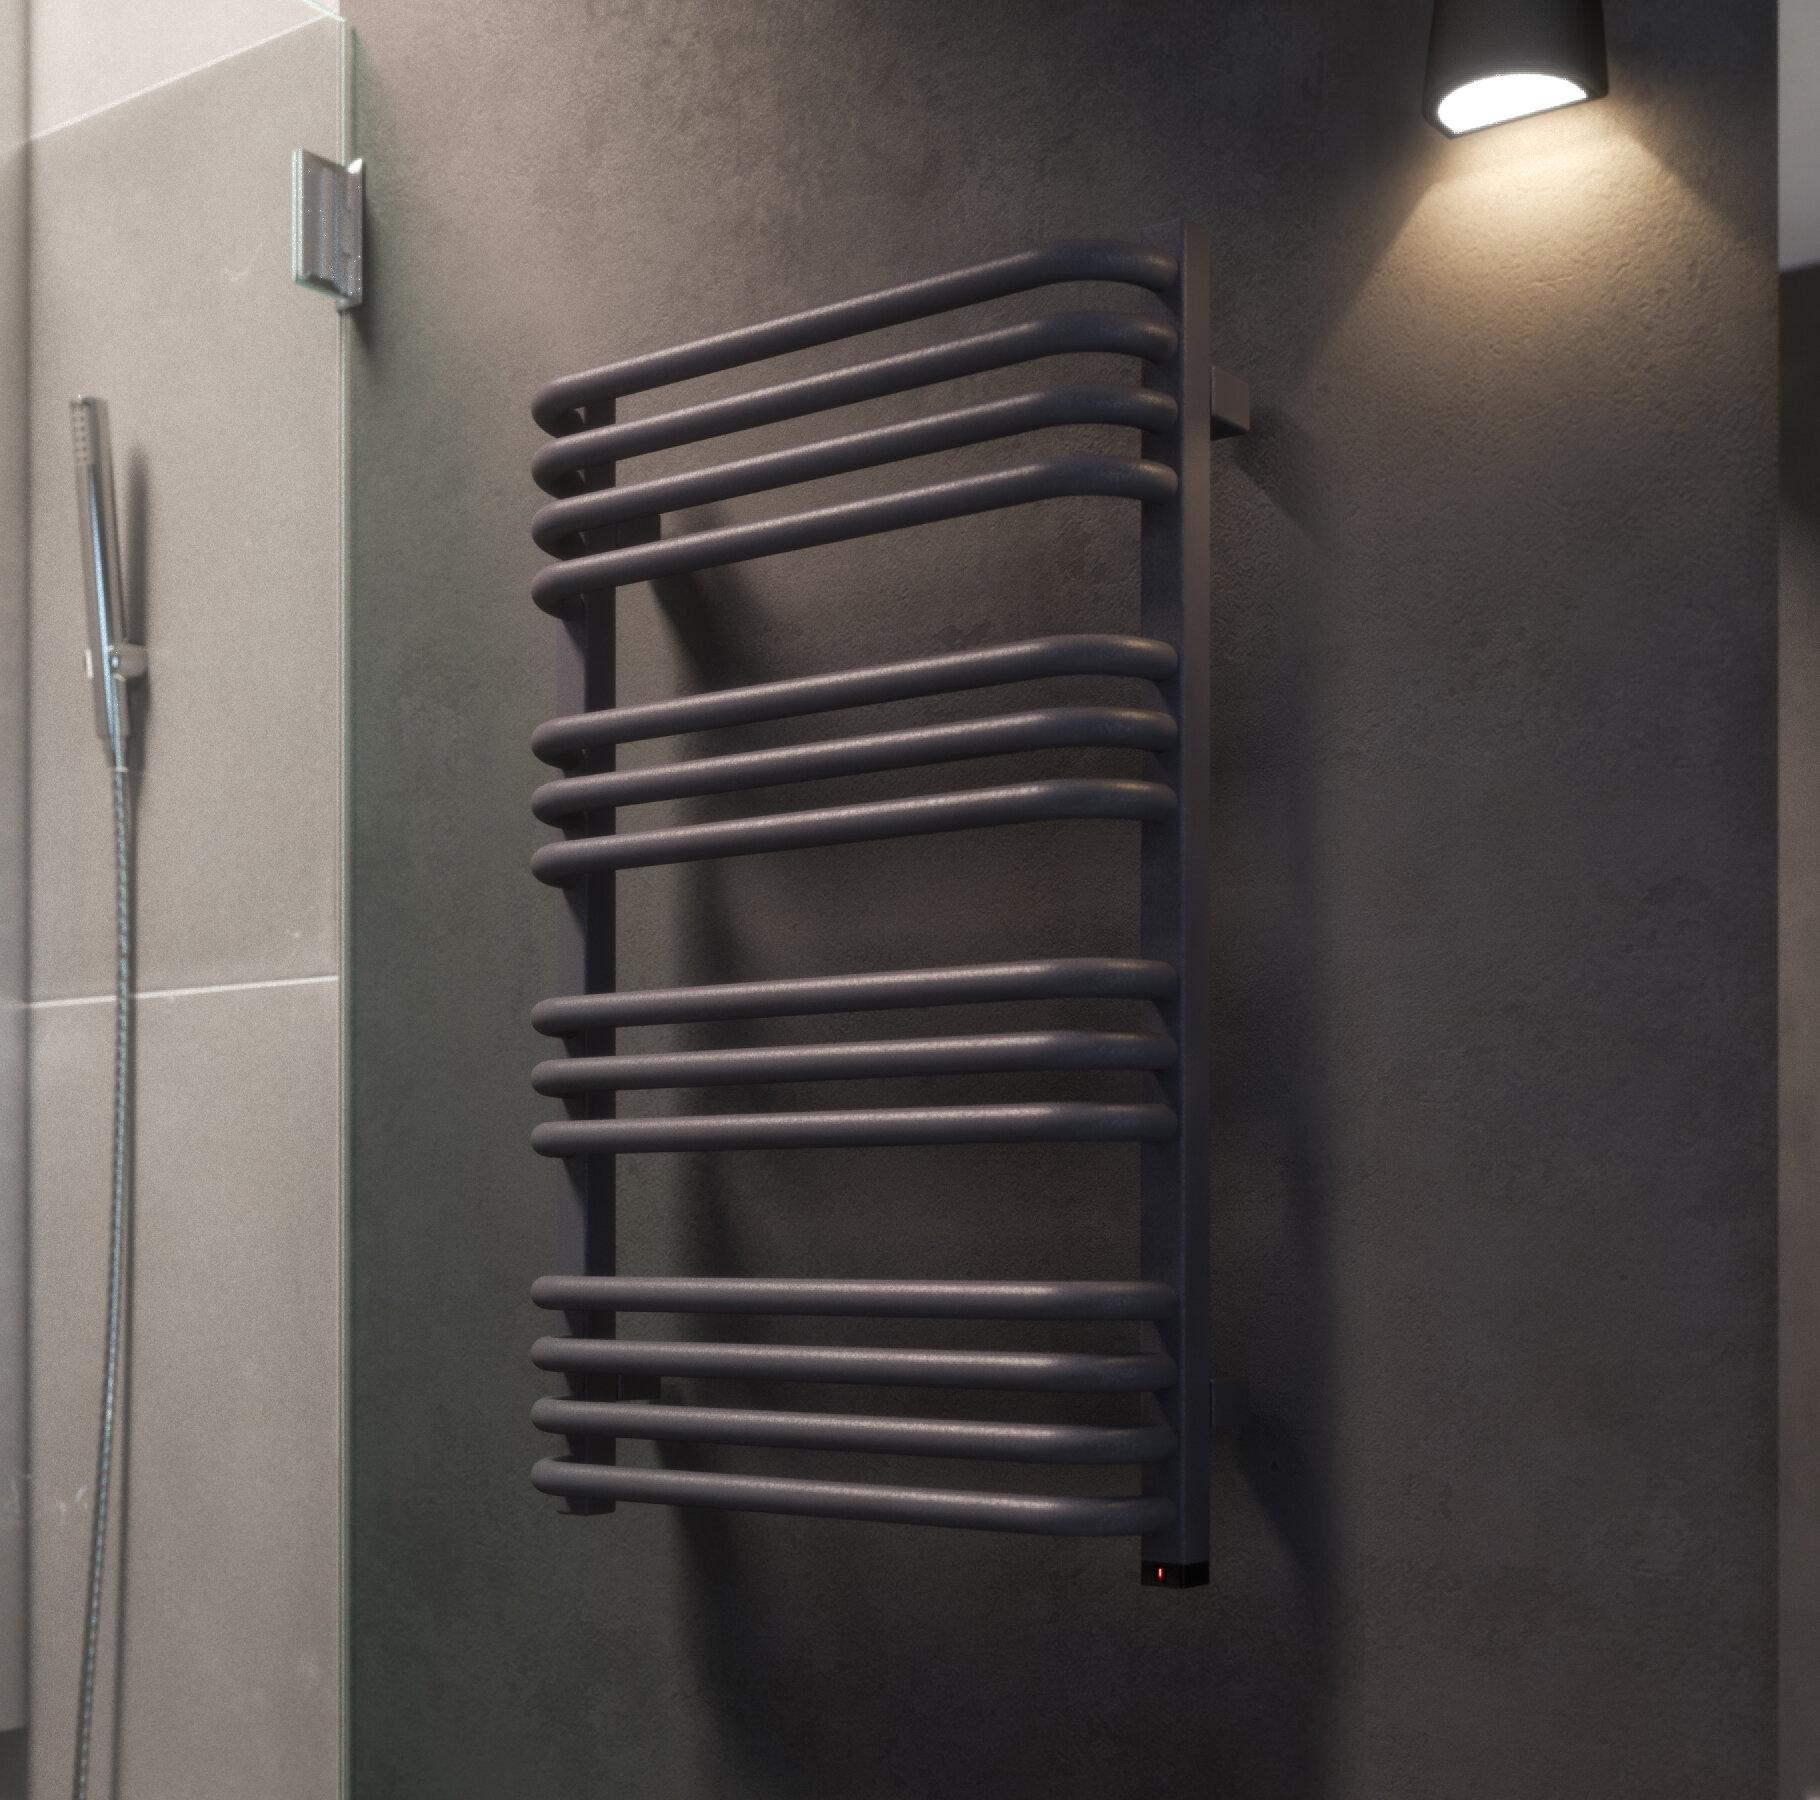 Terma Alex Vertical Curved Towel Rail Wayfair Co Uk